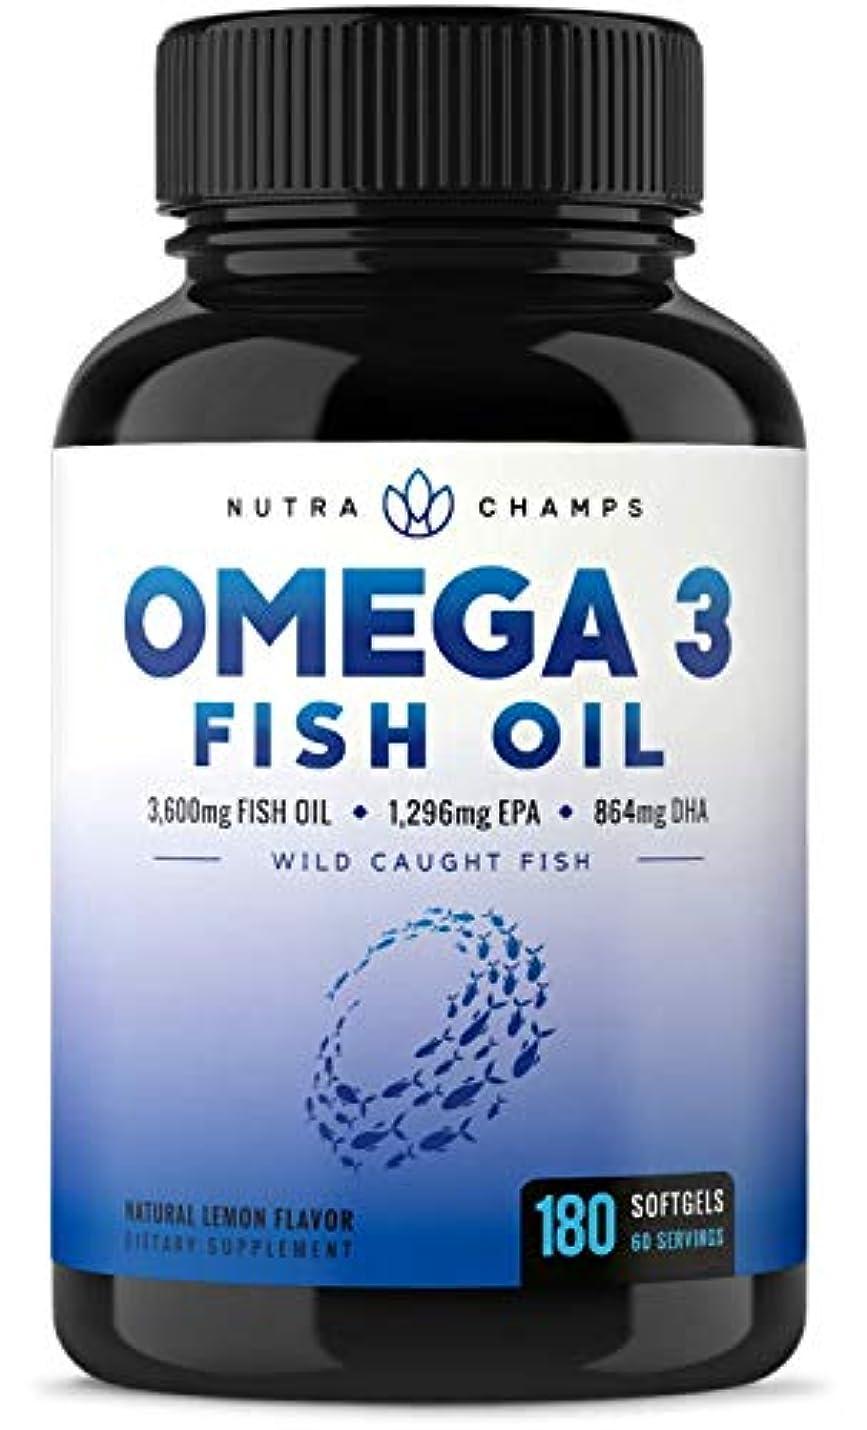 メッセージ耐久思慮のないNutraChamps Omega 3 Fish Oil 3600mg - 180粒